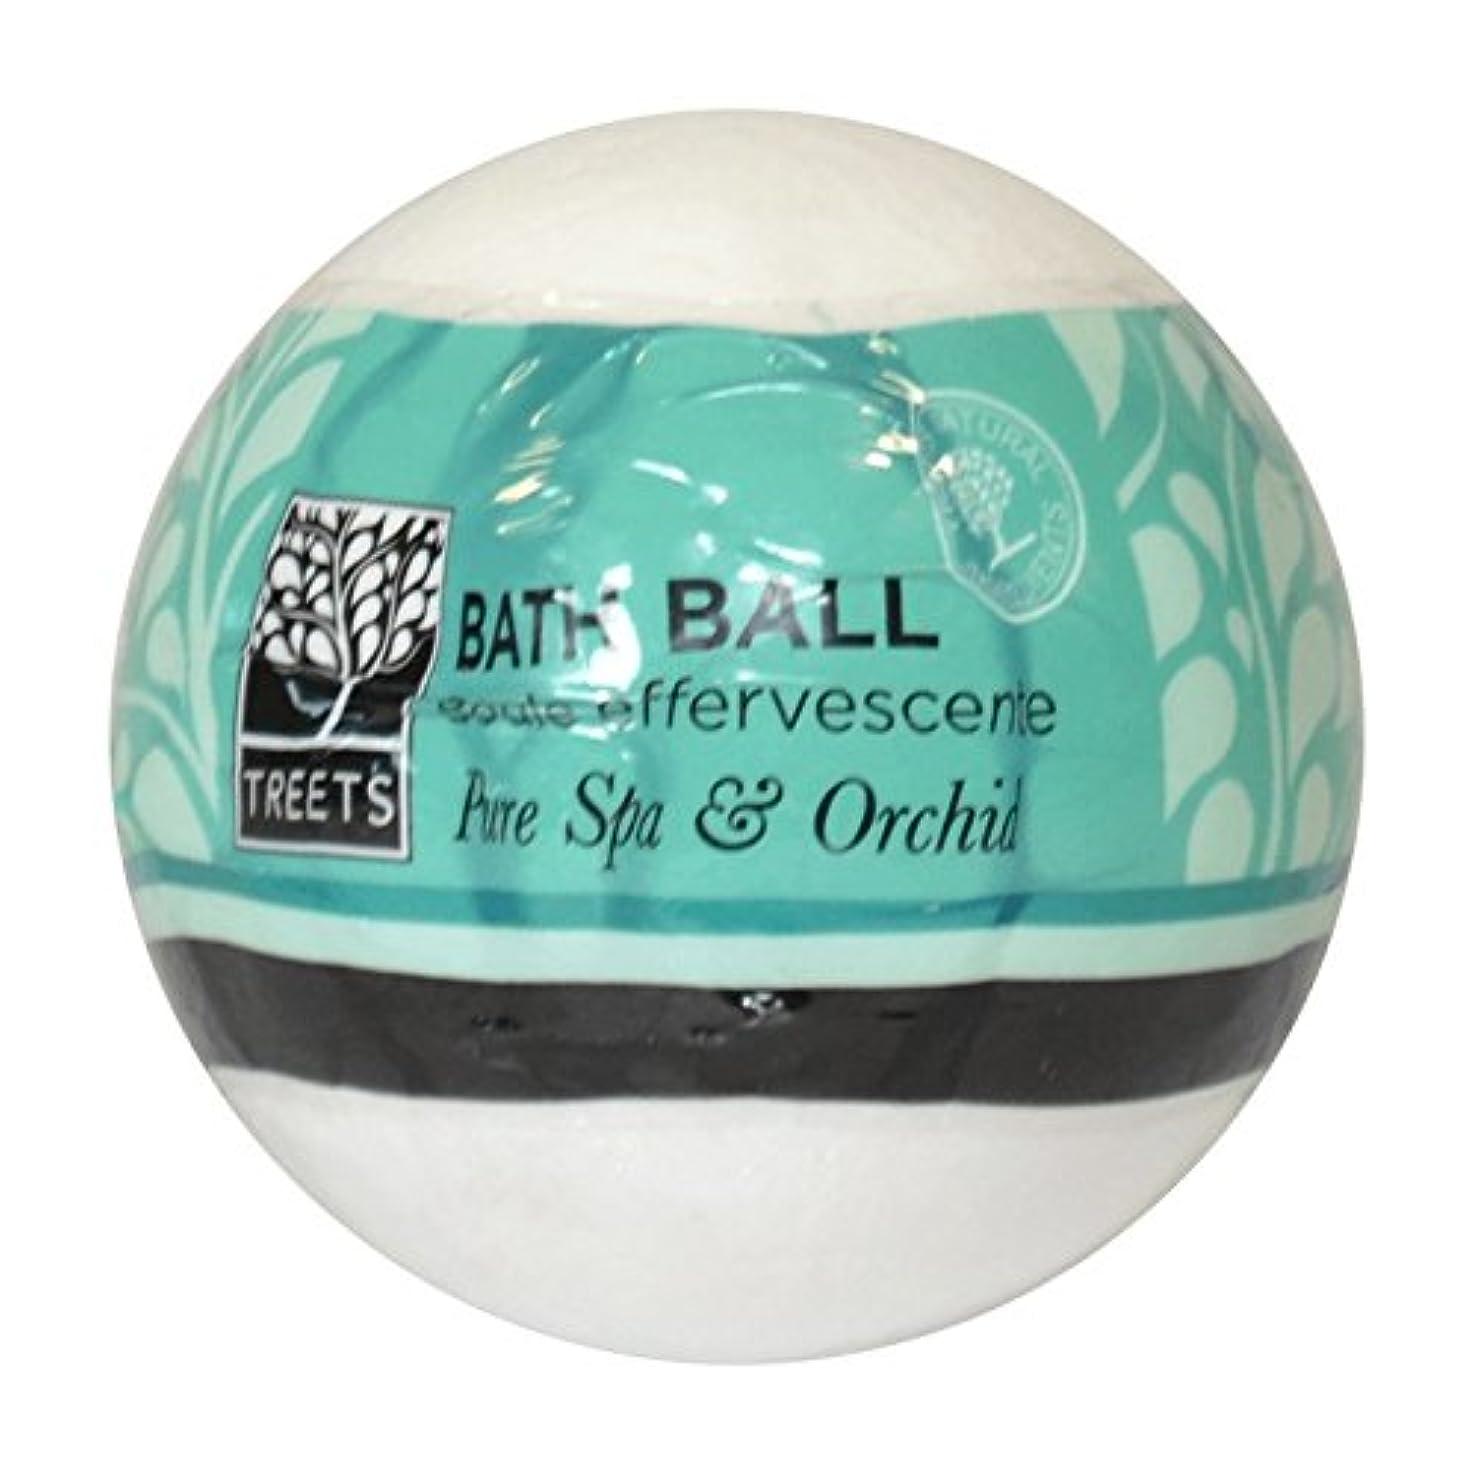 参照毎回明快Treets Orchid & Pure Spa Bath Ball (Pack of 6) - Treets蘭&純粋なスパバスボール (x6) [並行輸入品]